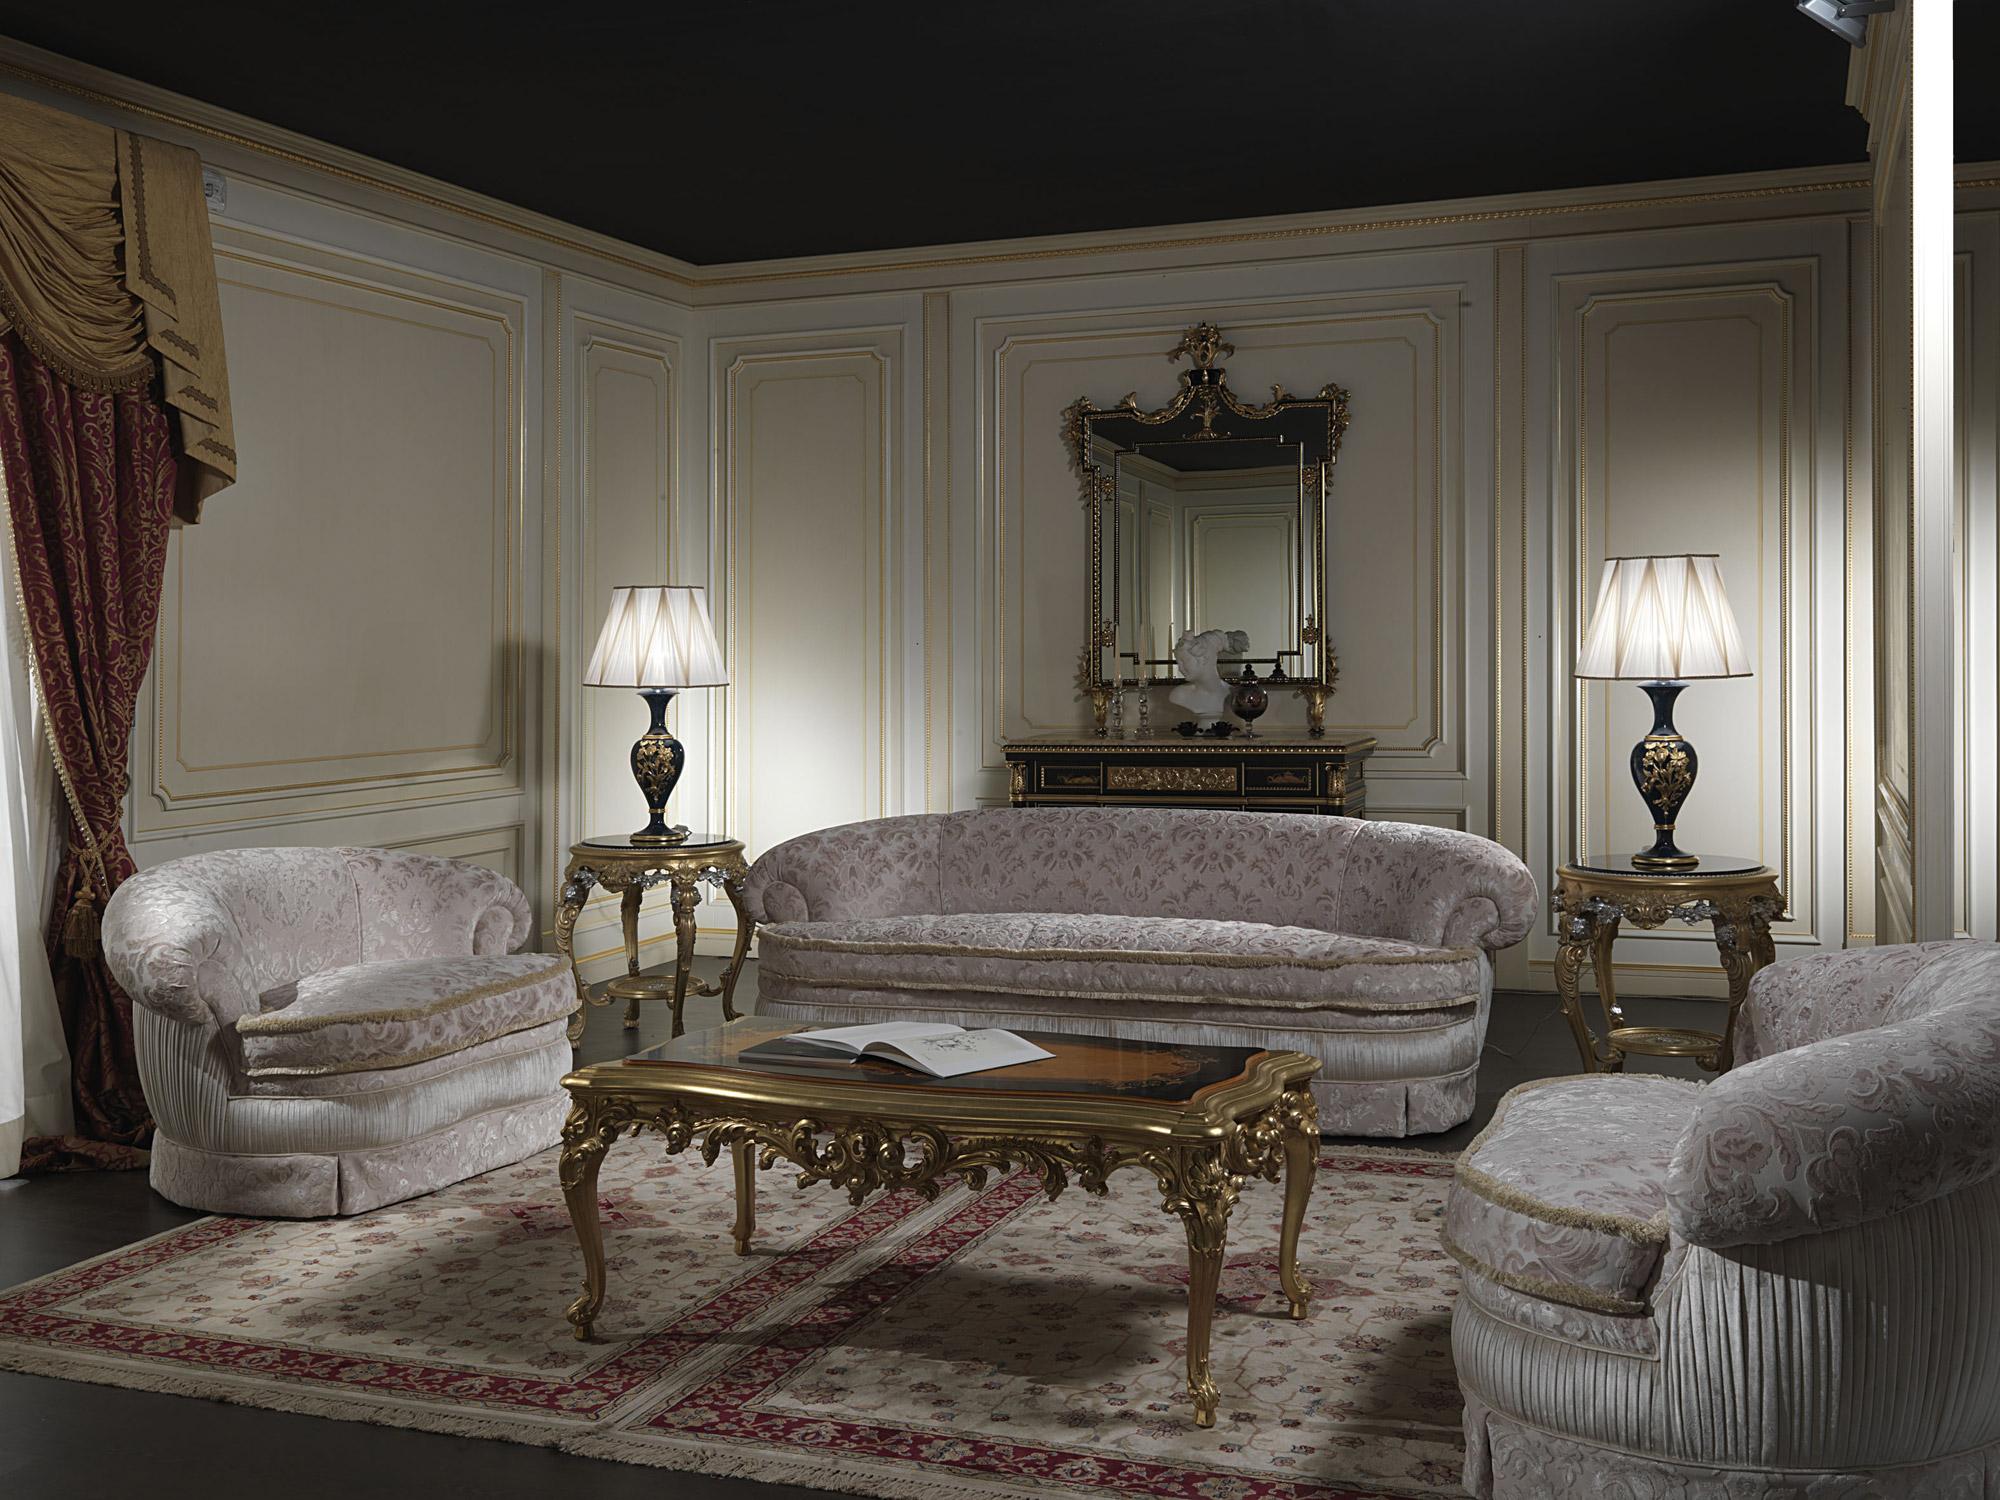 Divano e poltrona classica salotto londra vimercati meda for Divani classici in stile